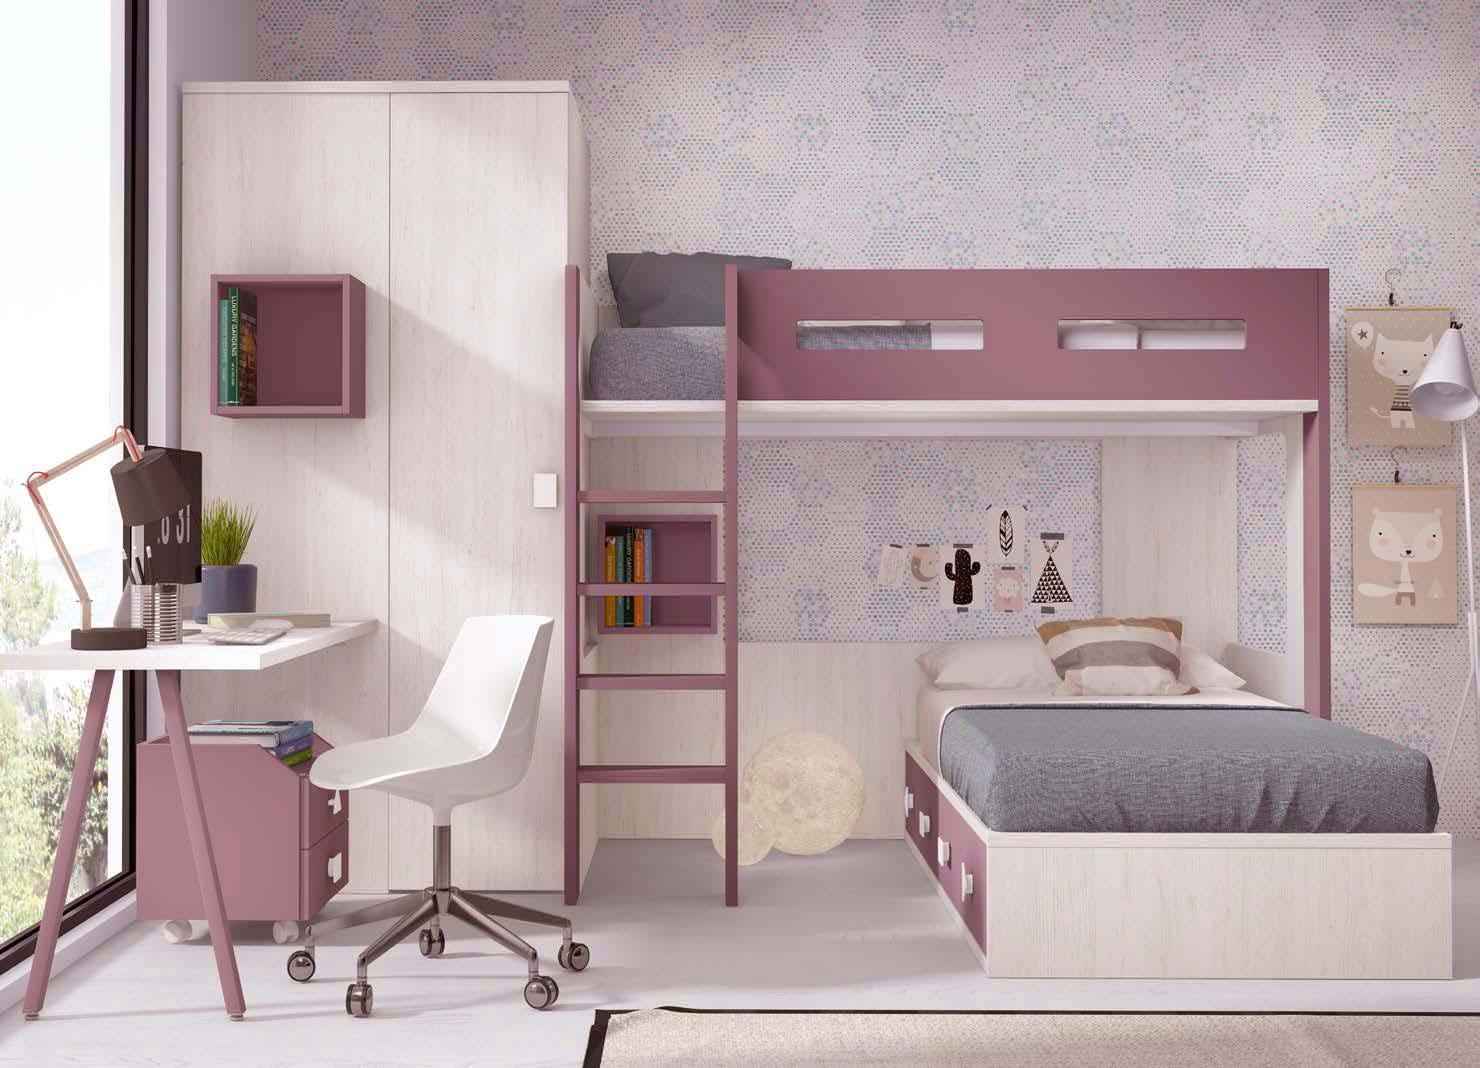 Lit superposé séparable avec armoire et bureau PERSONNALISABLE F265 - GLICERIO